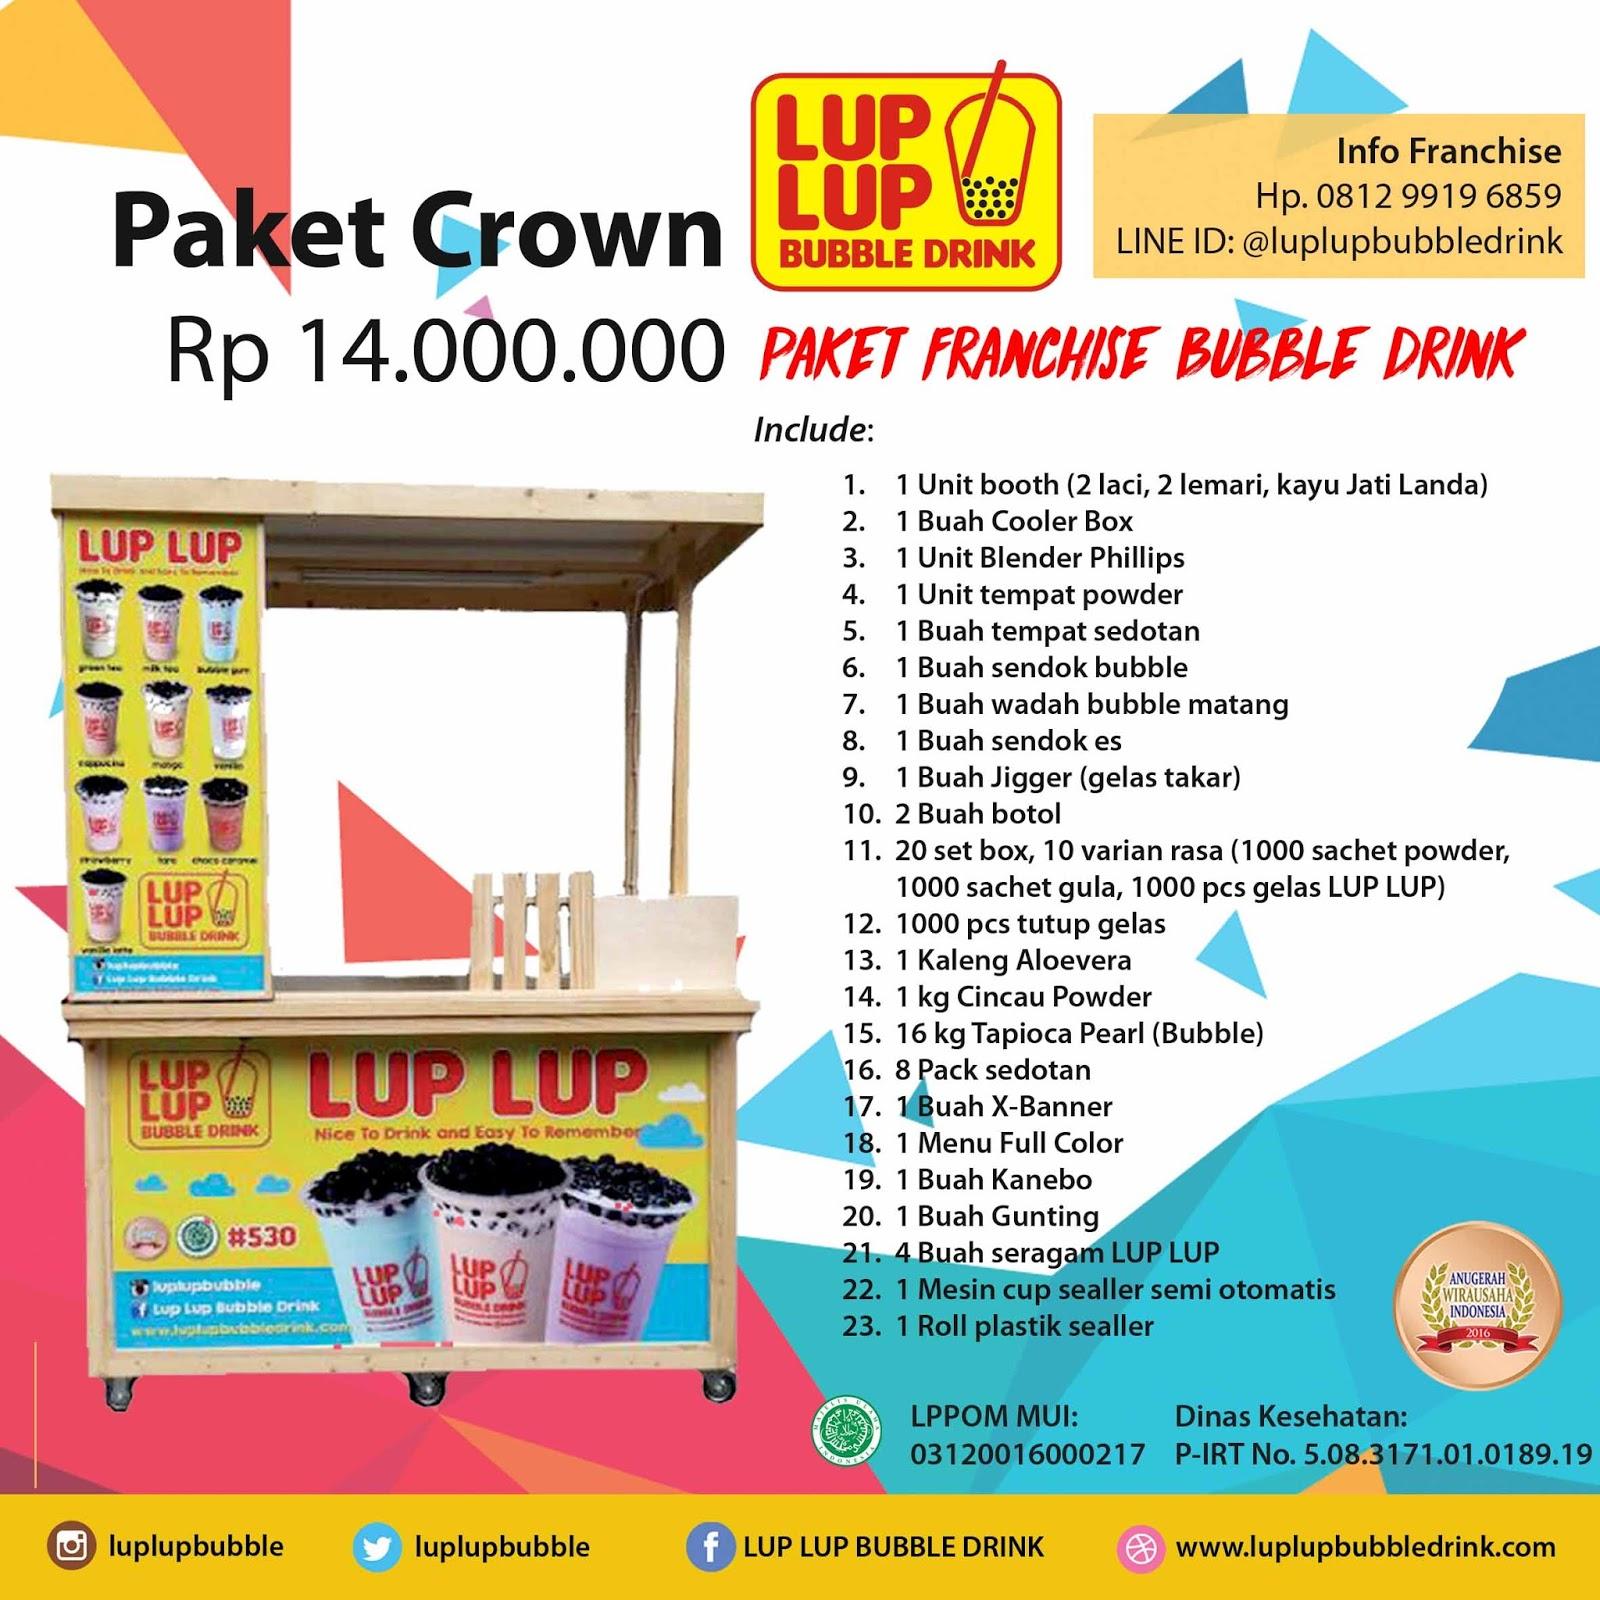 Jakarta Bubble Tea Supplies Franchise Drink Big  Bubuk Perasa Minuman Susu Segar Syarat Sukses Bisnis